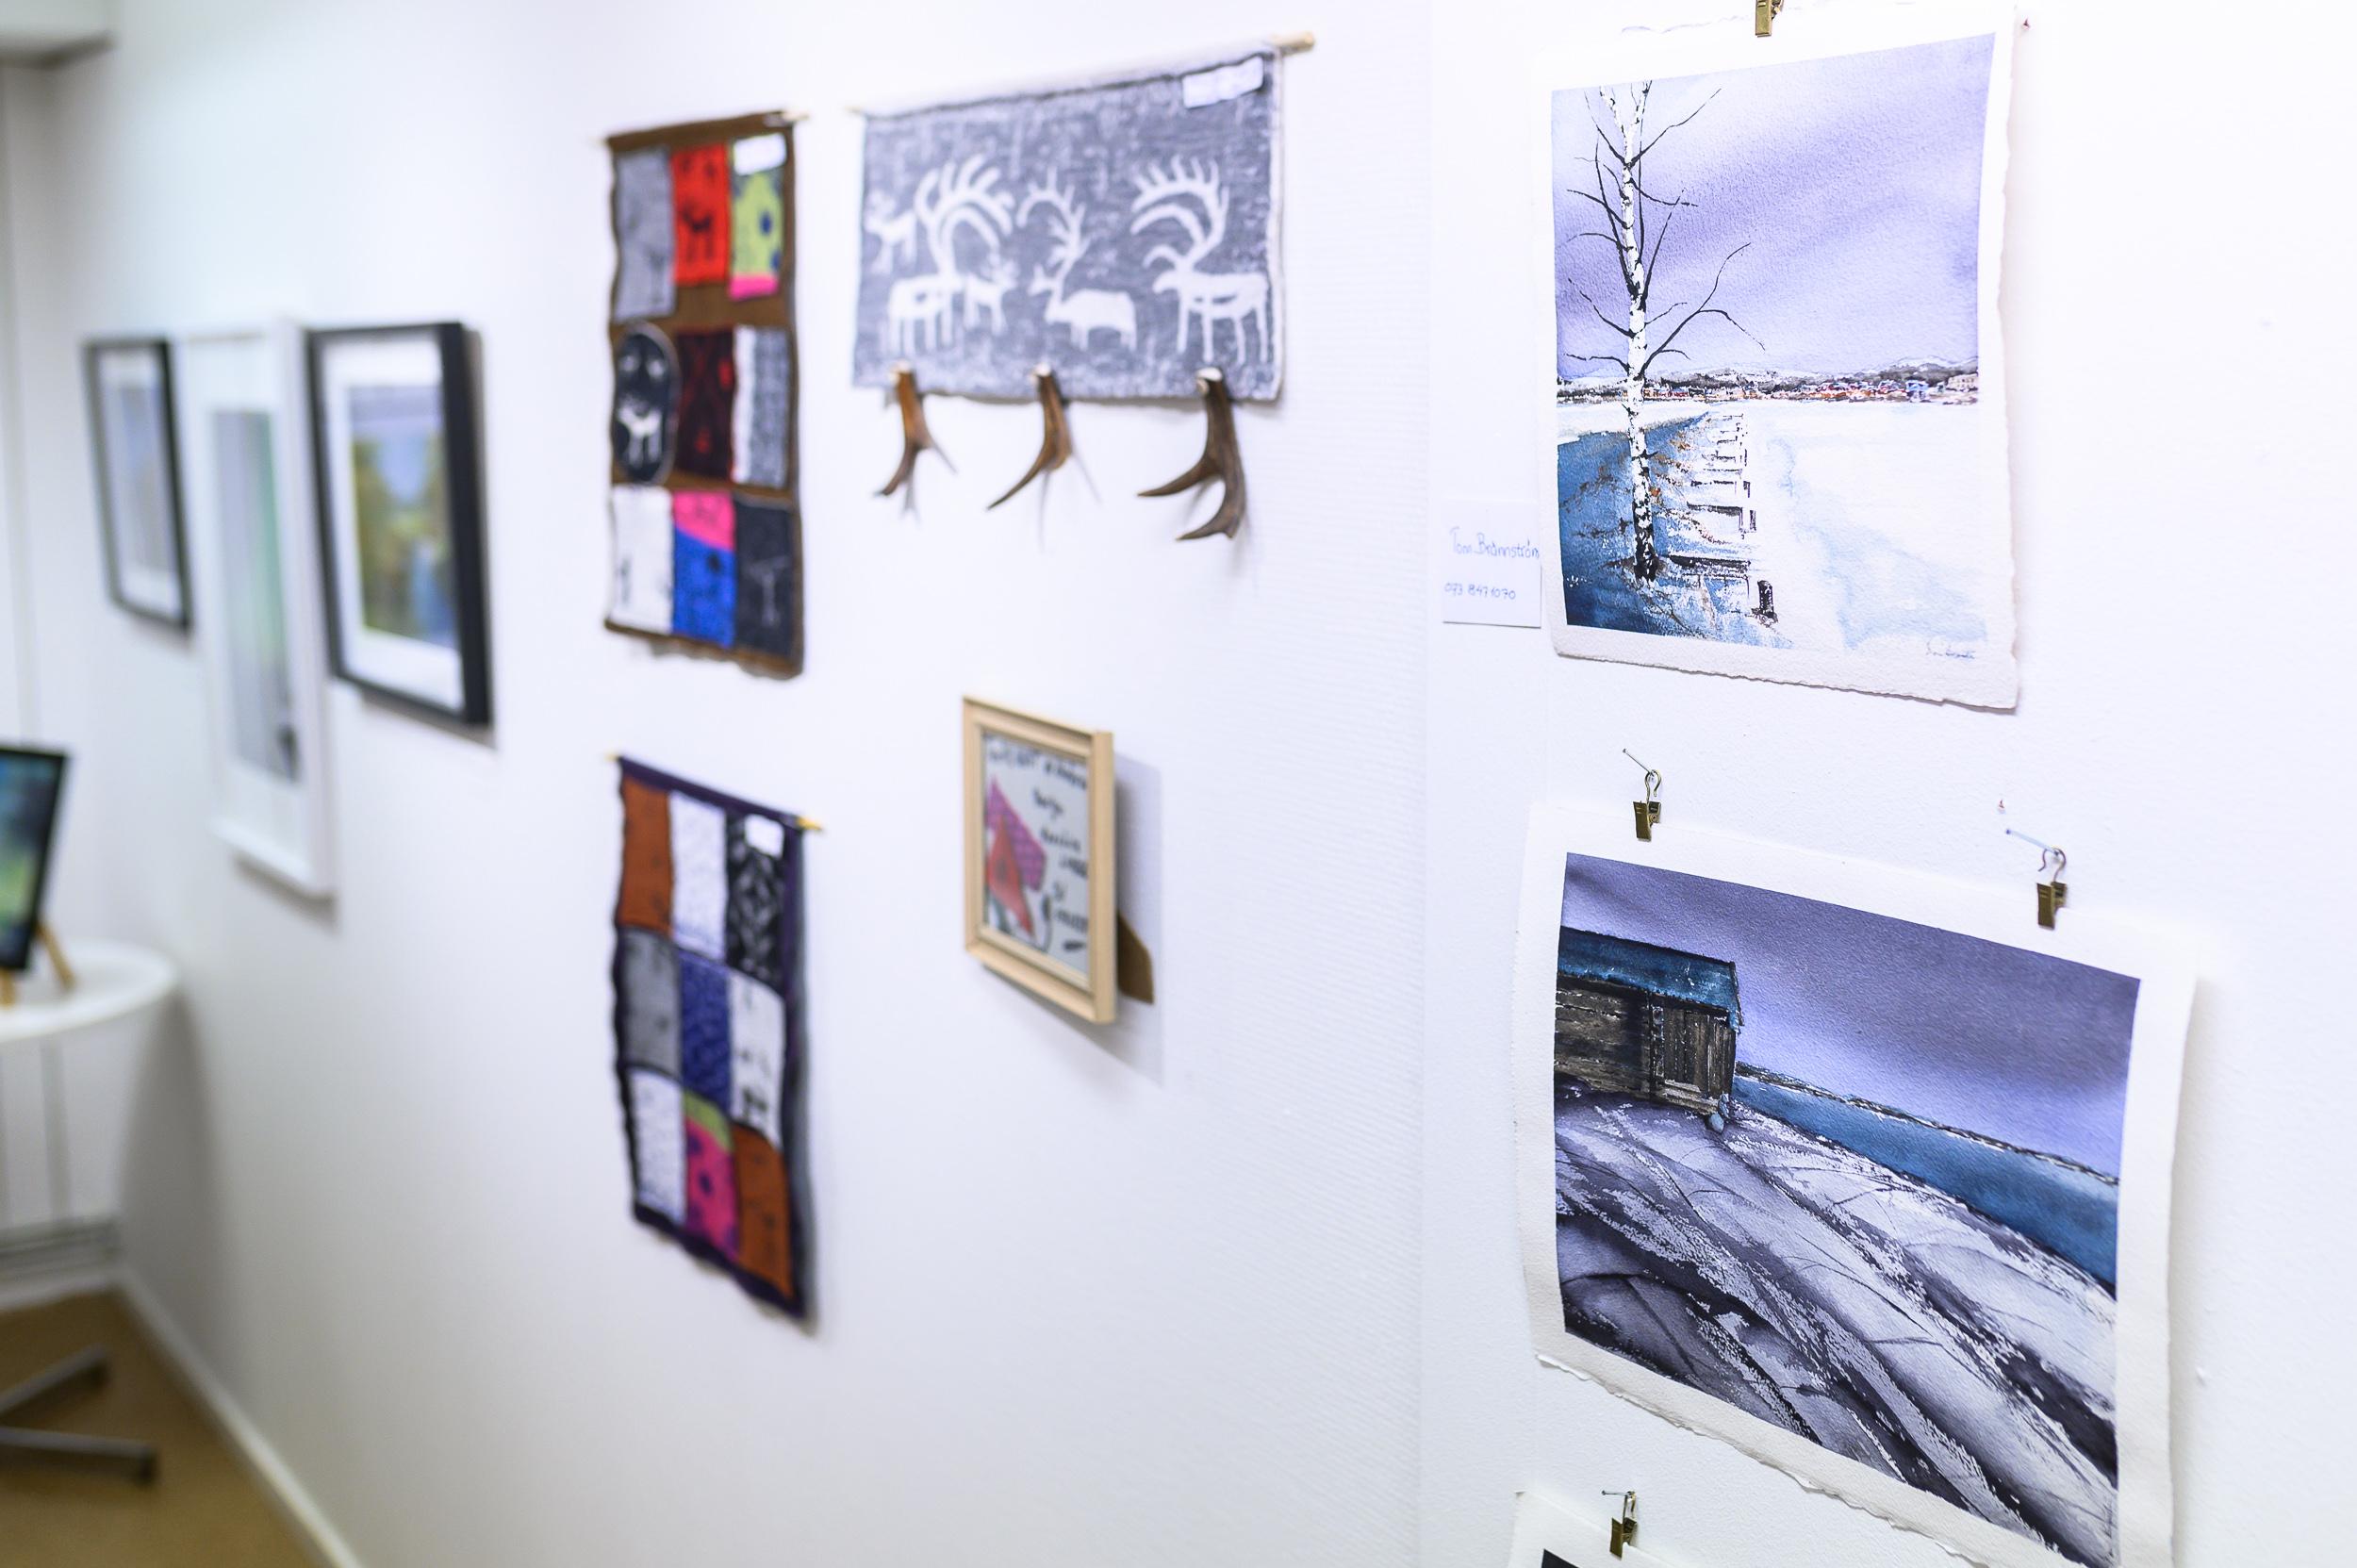 En mängd olika typer av konst möttes här, allt från akvarell till tyg och slöjd.